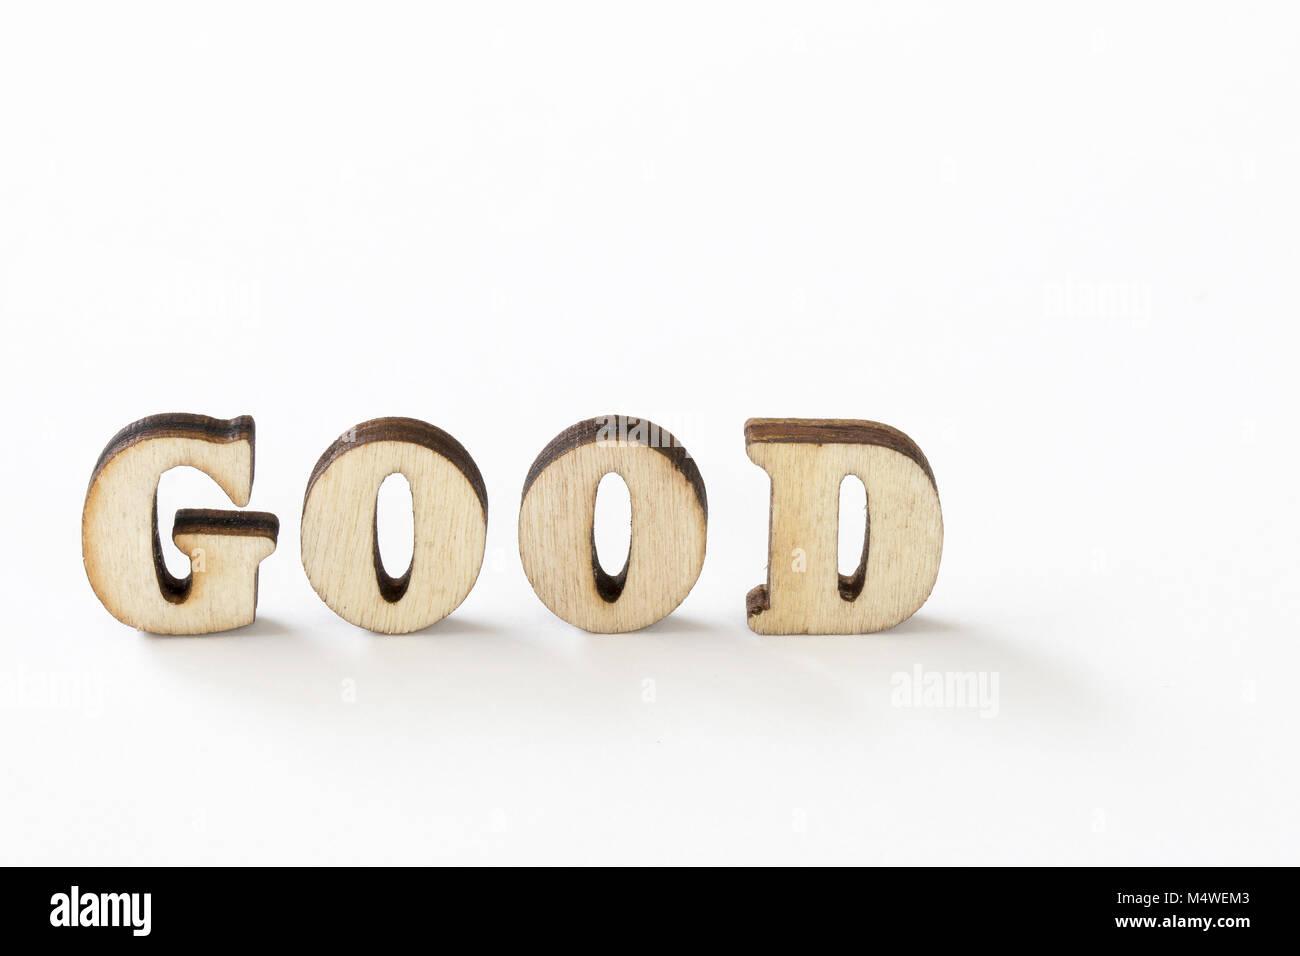 Gut, gut Holz Buchstaben auf weißem Hintergrund Stockbild